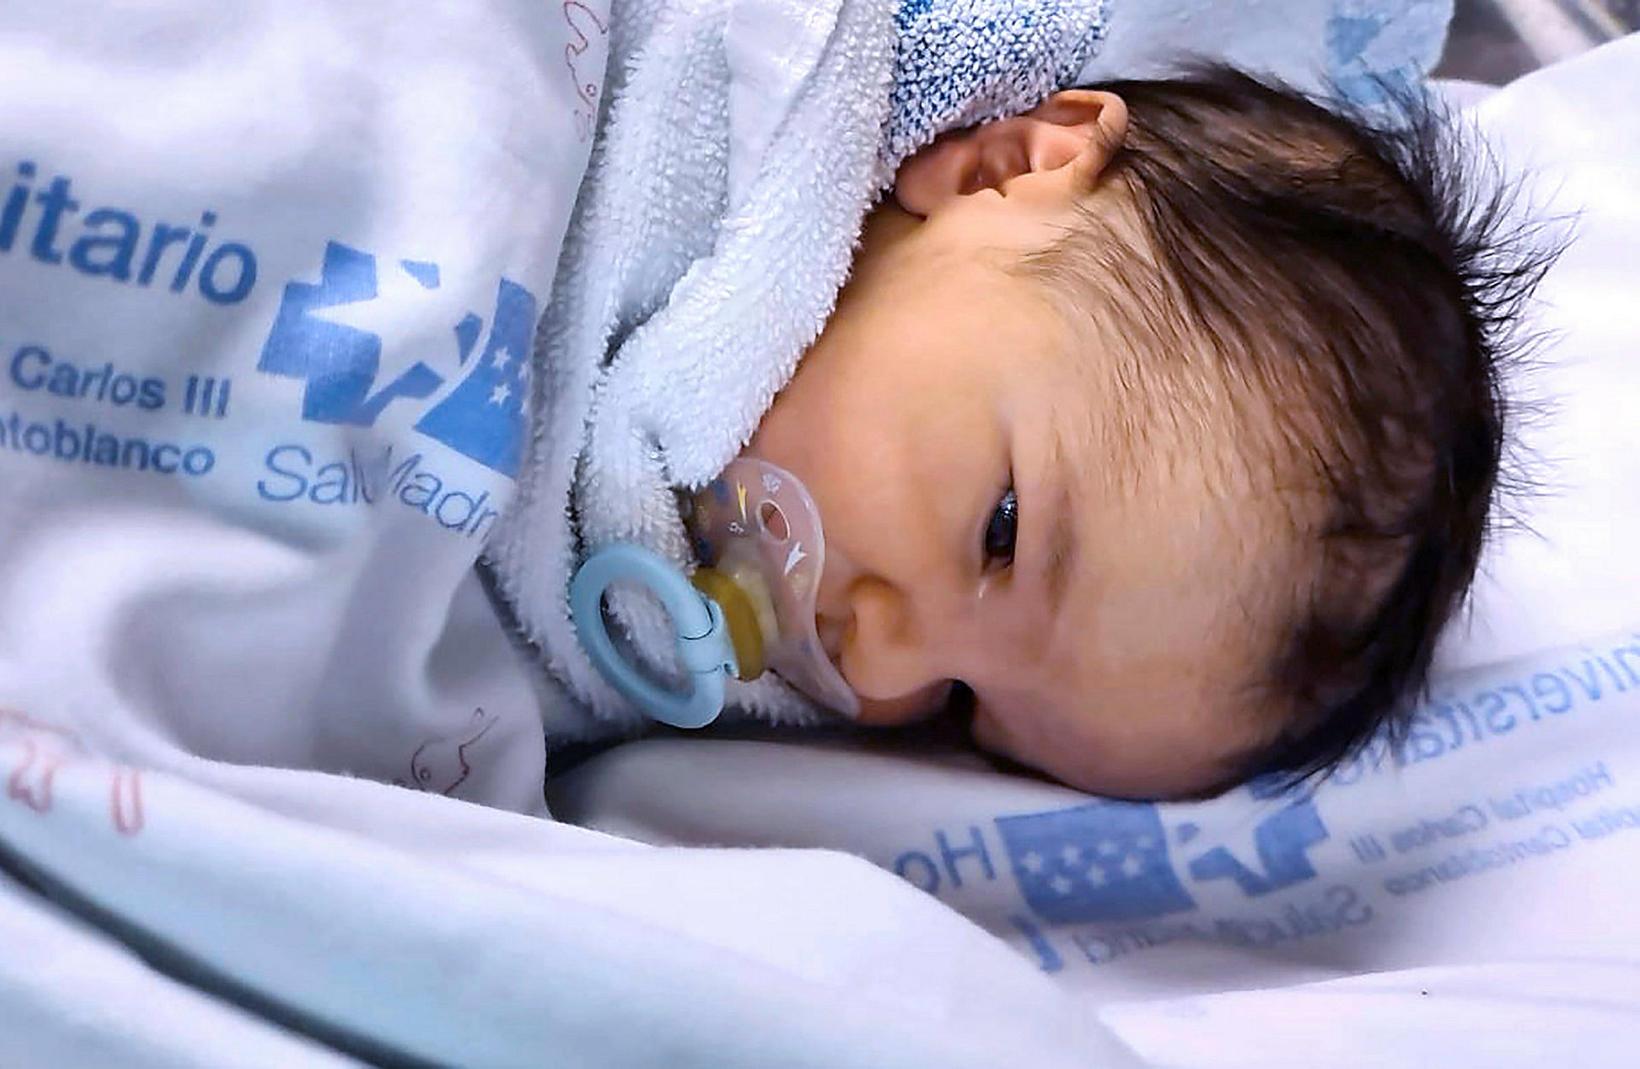 Oliver Carrillo fæddist í Madrid 13.mars.